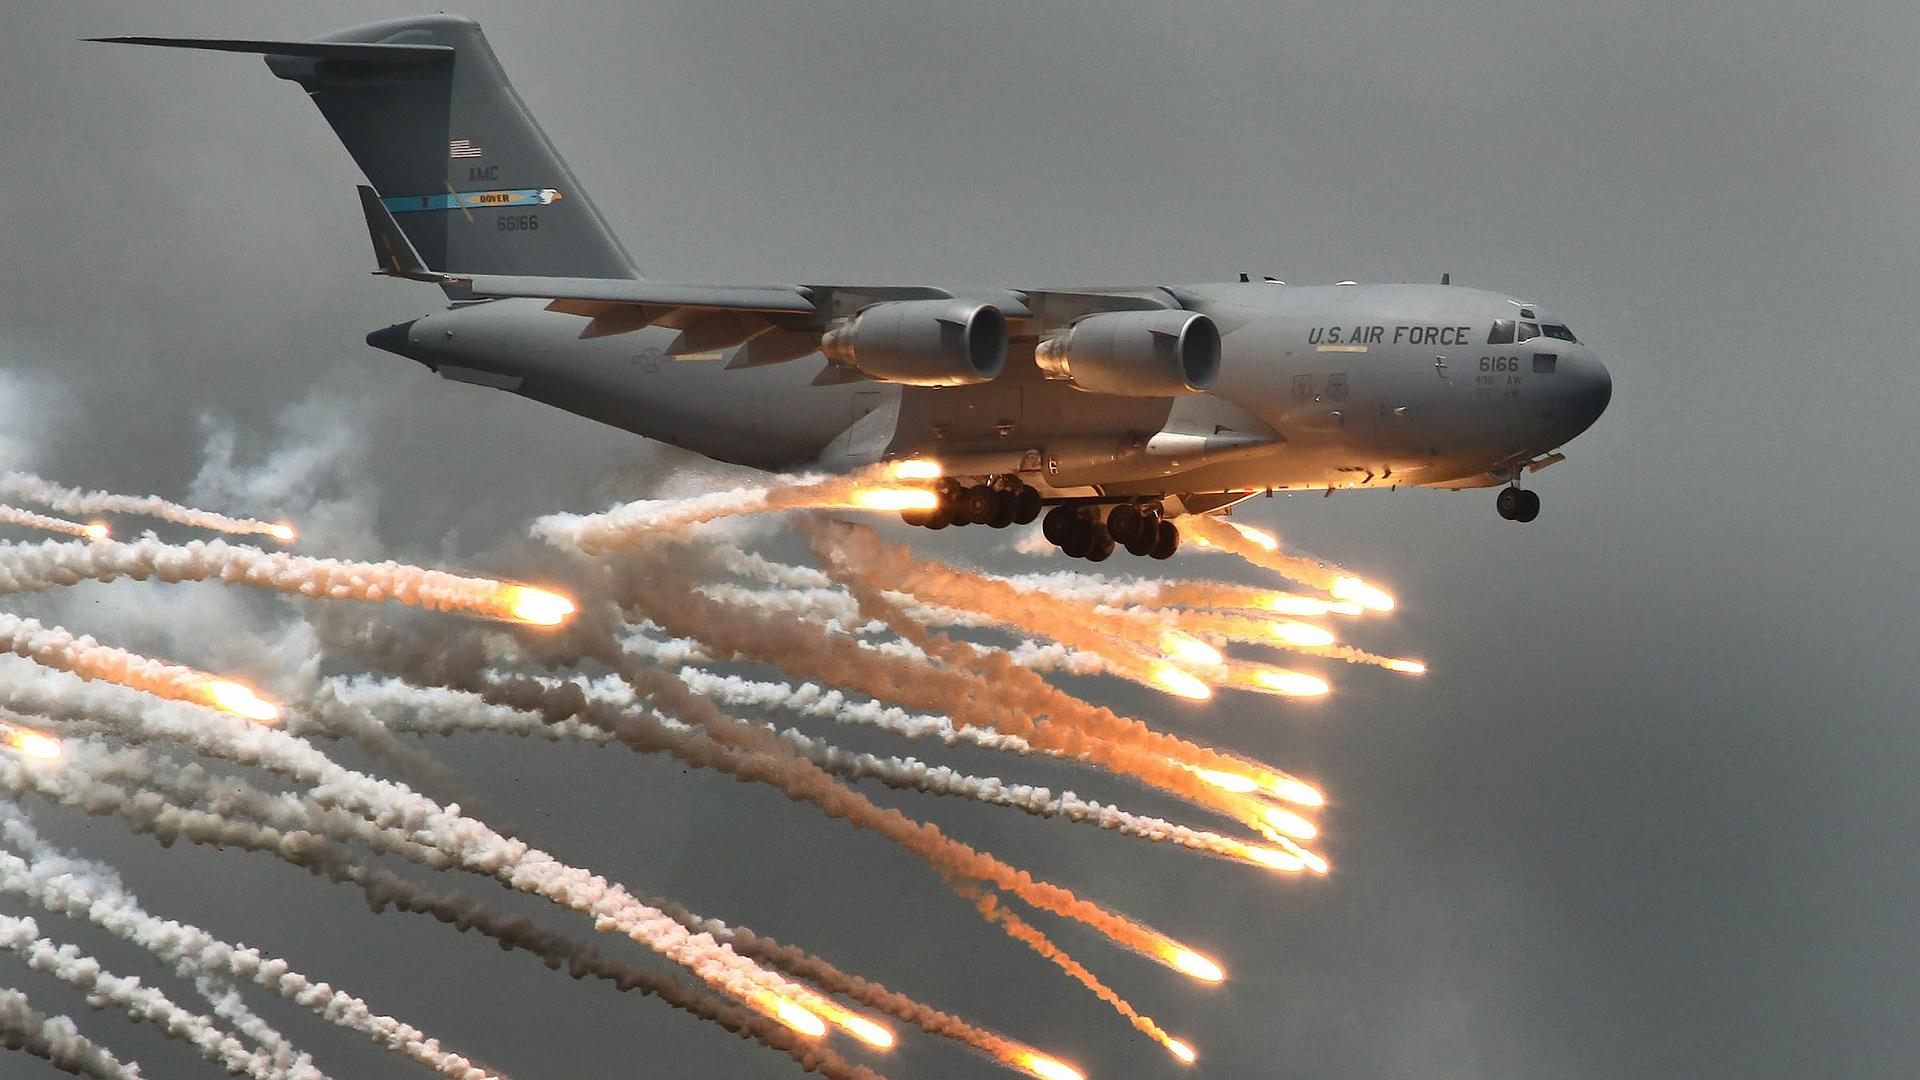 Air Force Wallpaper